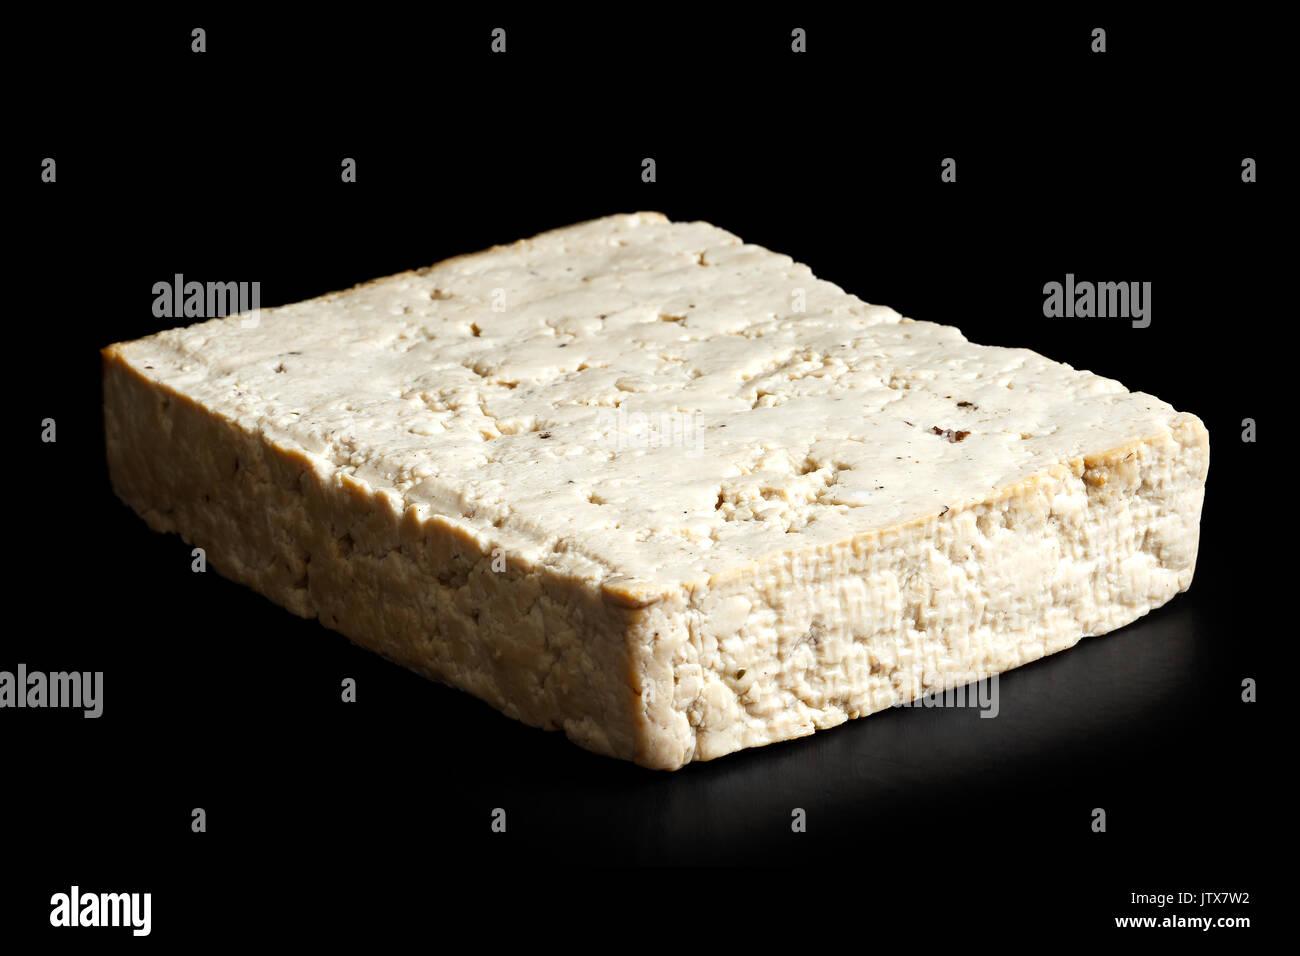 Single block of lightly smoked tofu isolated on black. - Stock Image